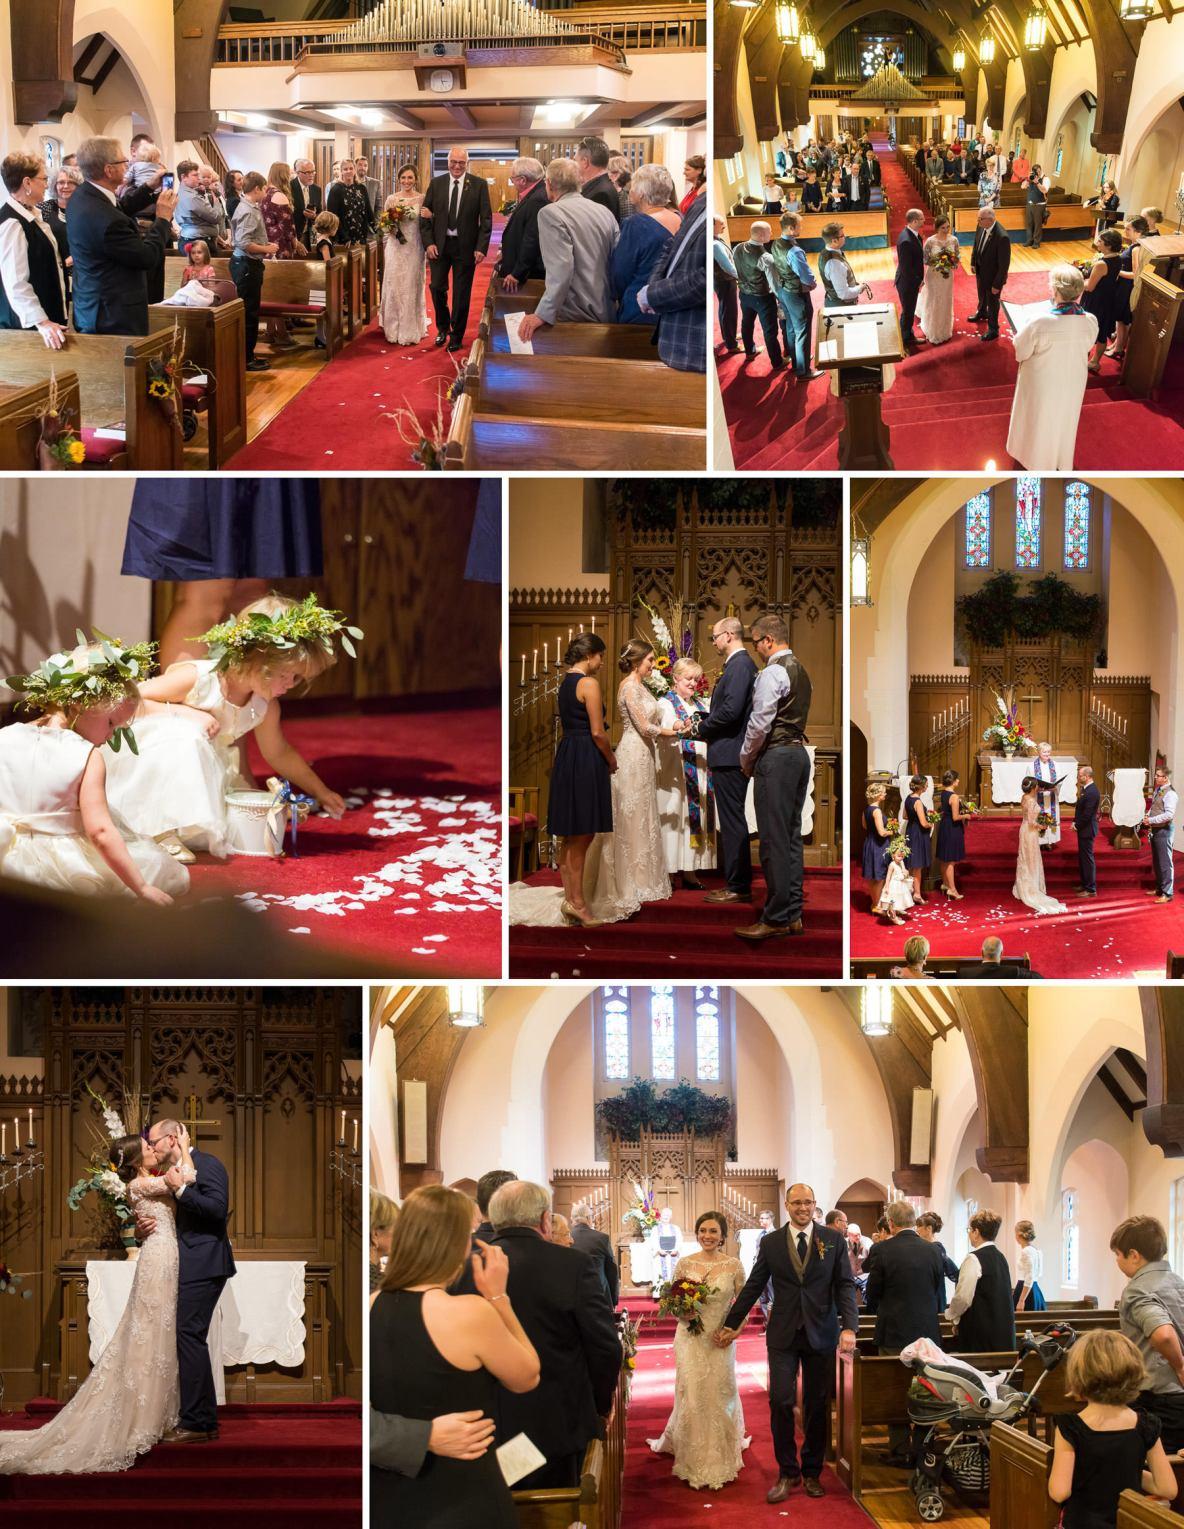 Photos of indoor wedding ceremony.